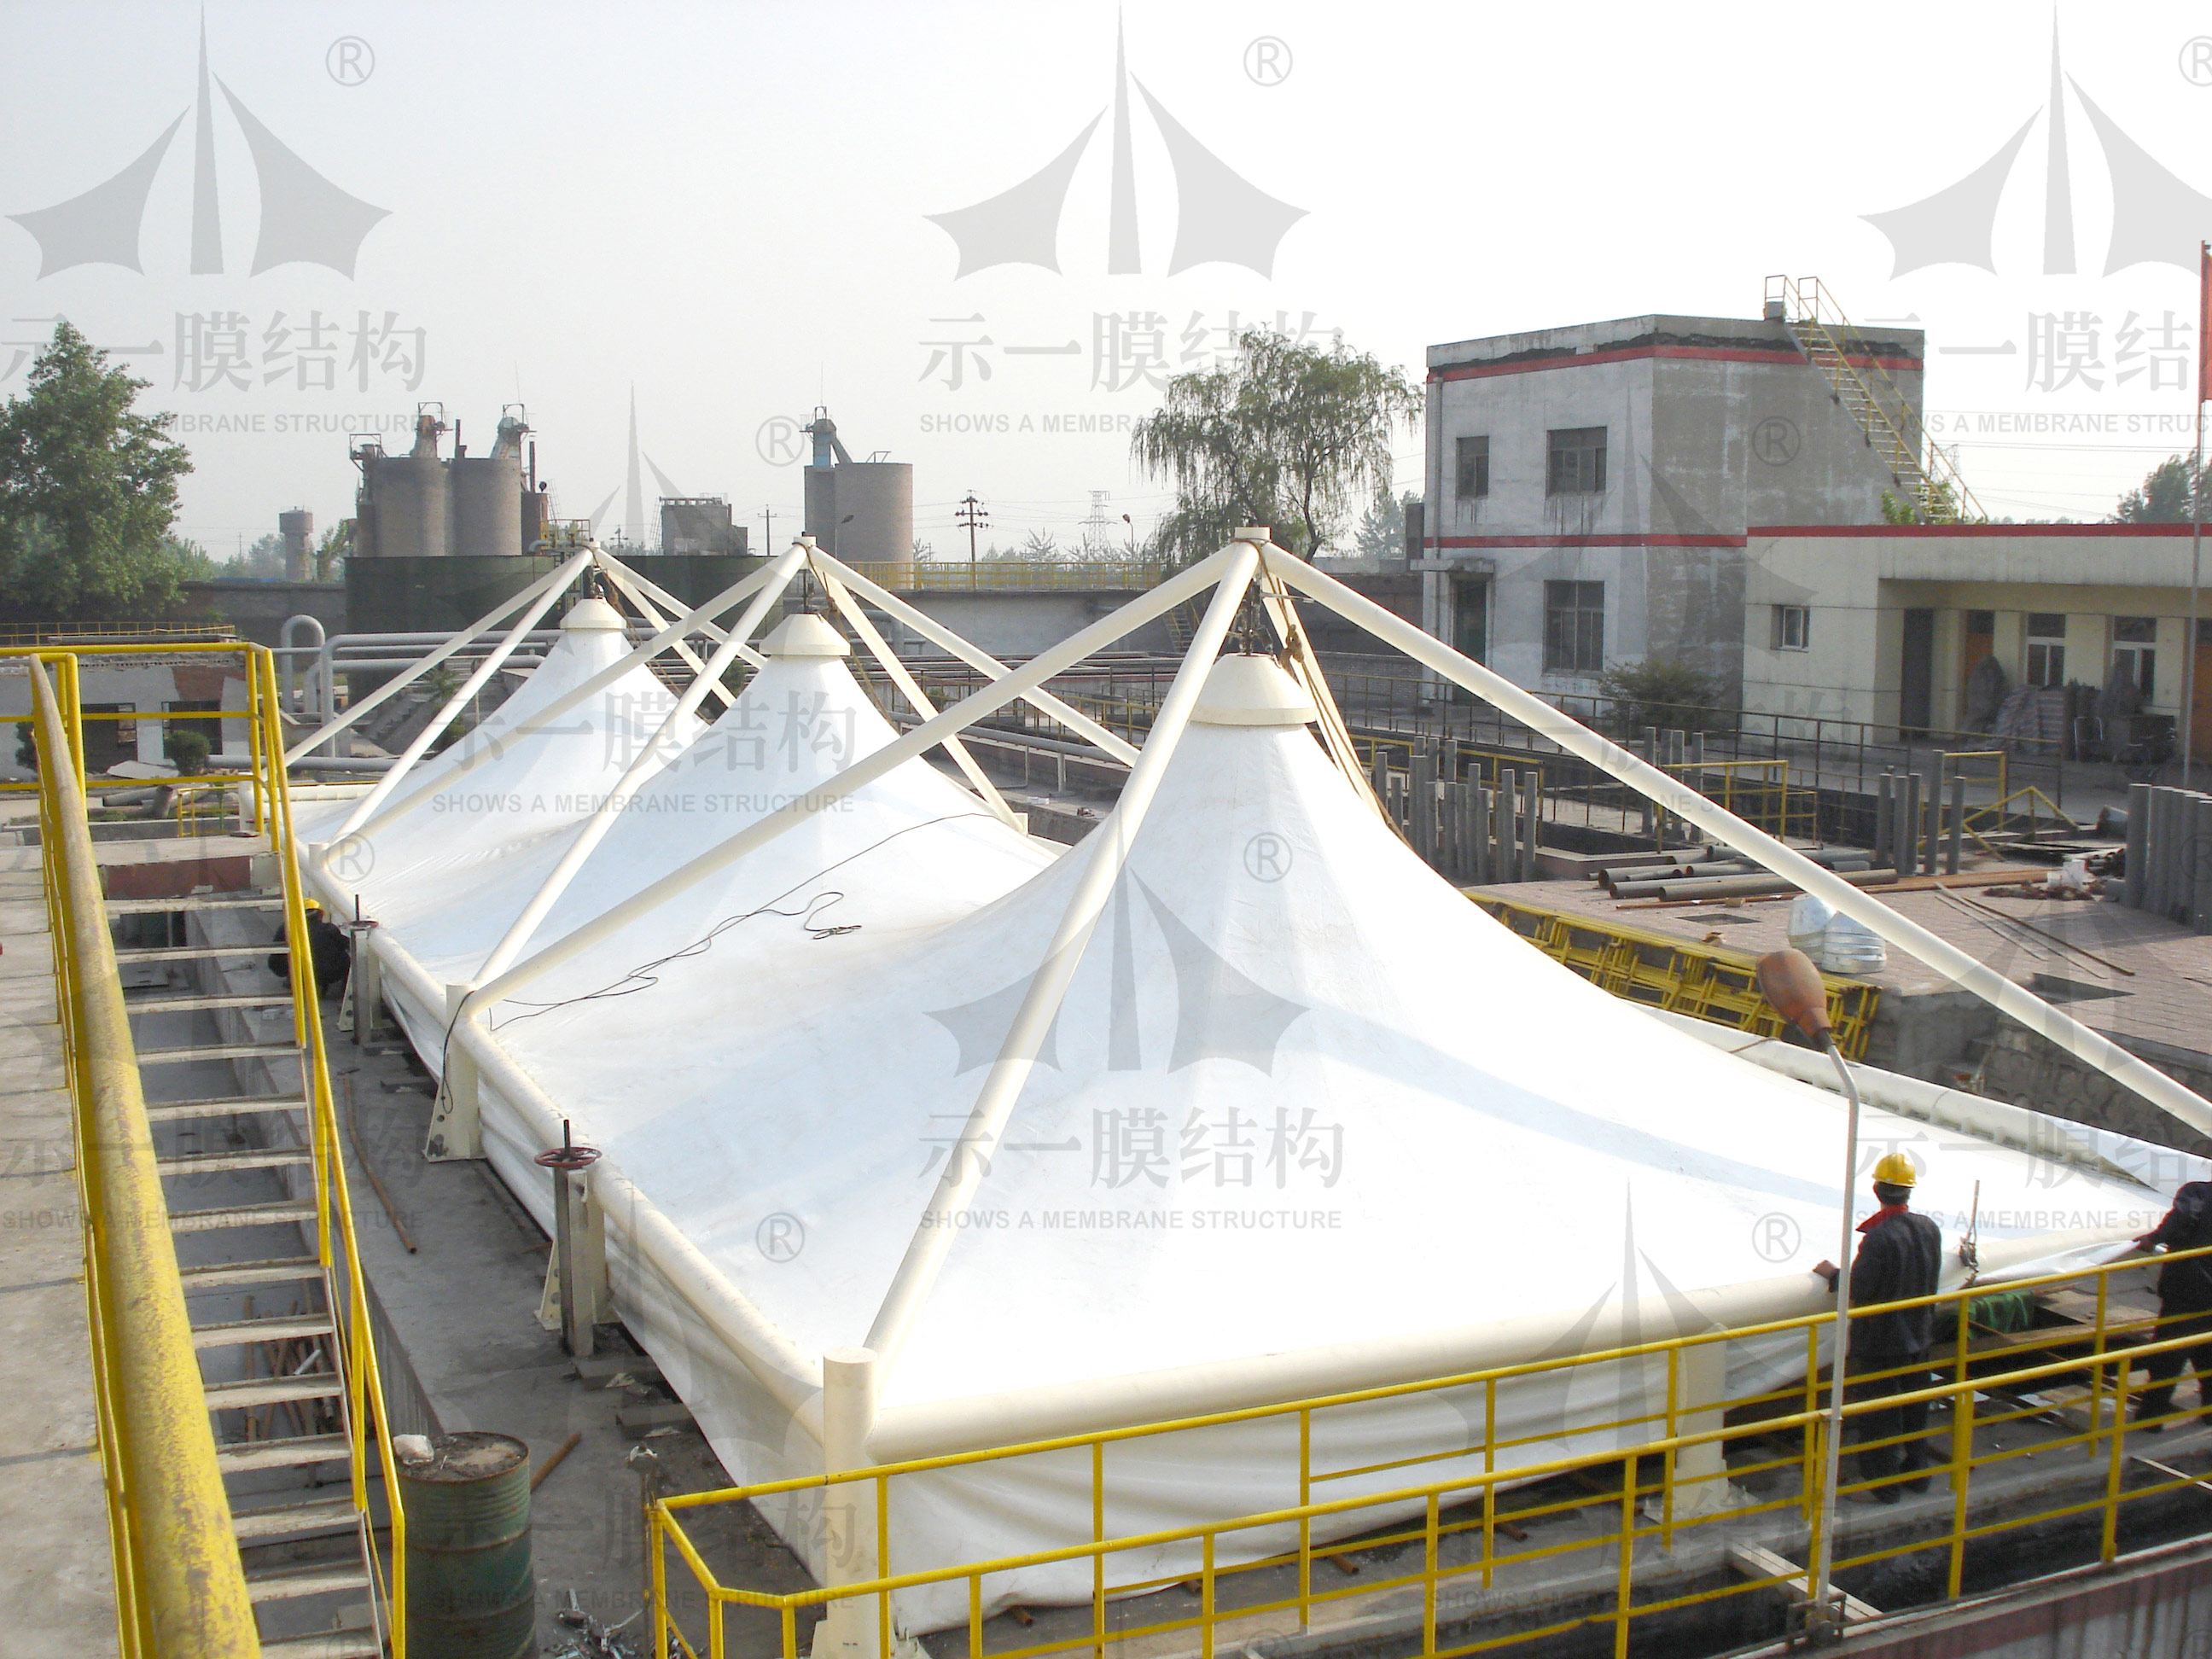 上海示一膜结构山西三维污水池膜加盖环保工程